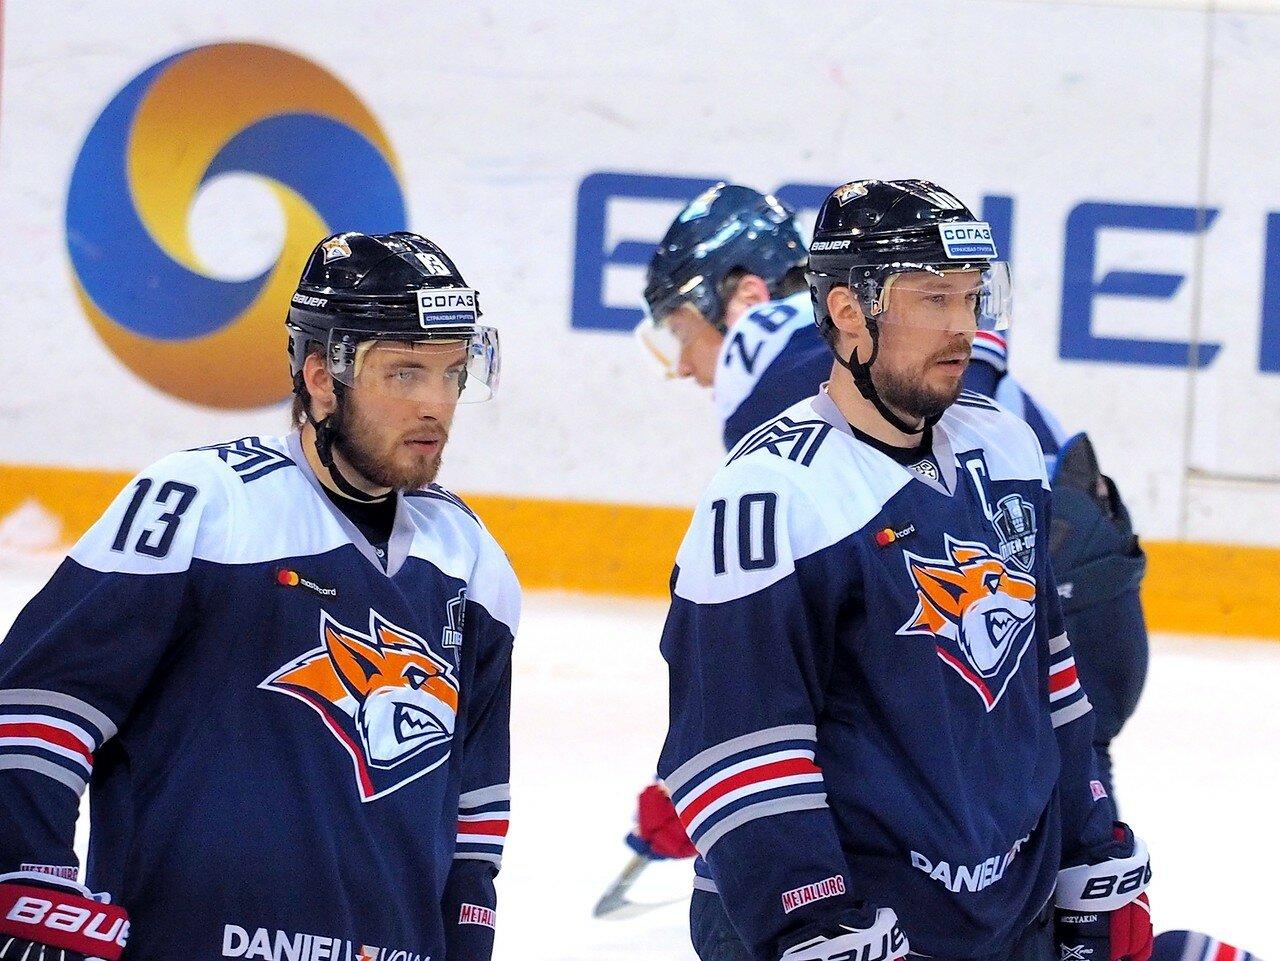 29 Первая игра финала плей-офф восточной конференции 2017 Металлург - АкБарс 24.03.2017